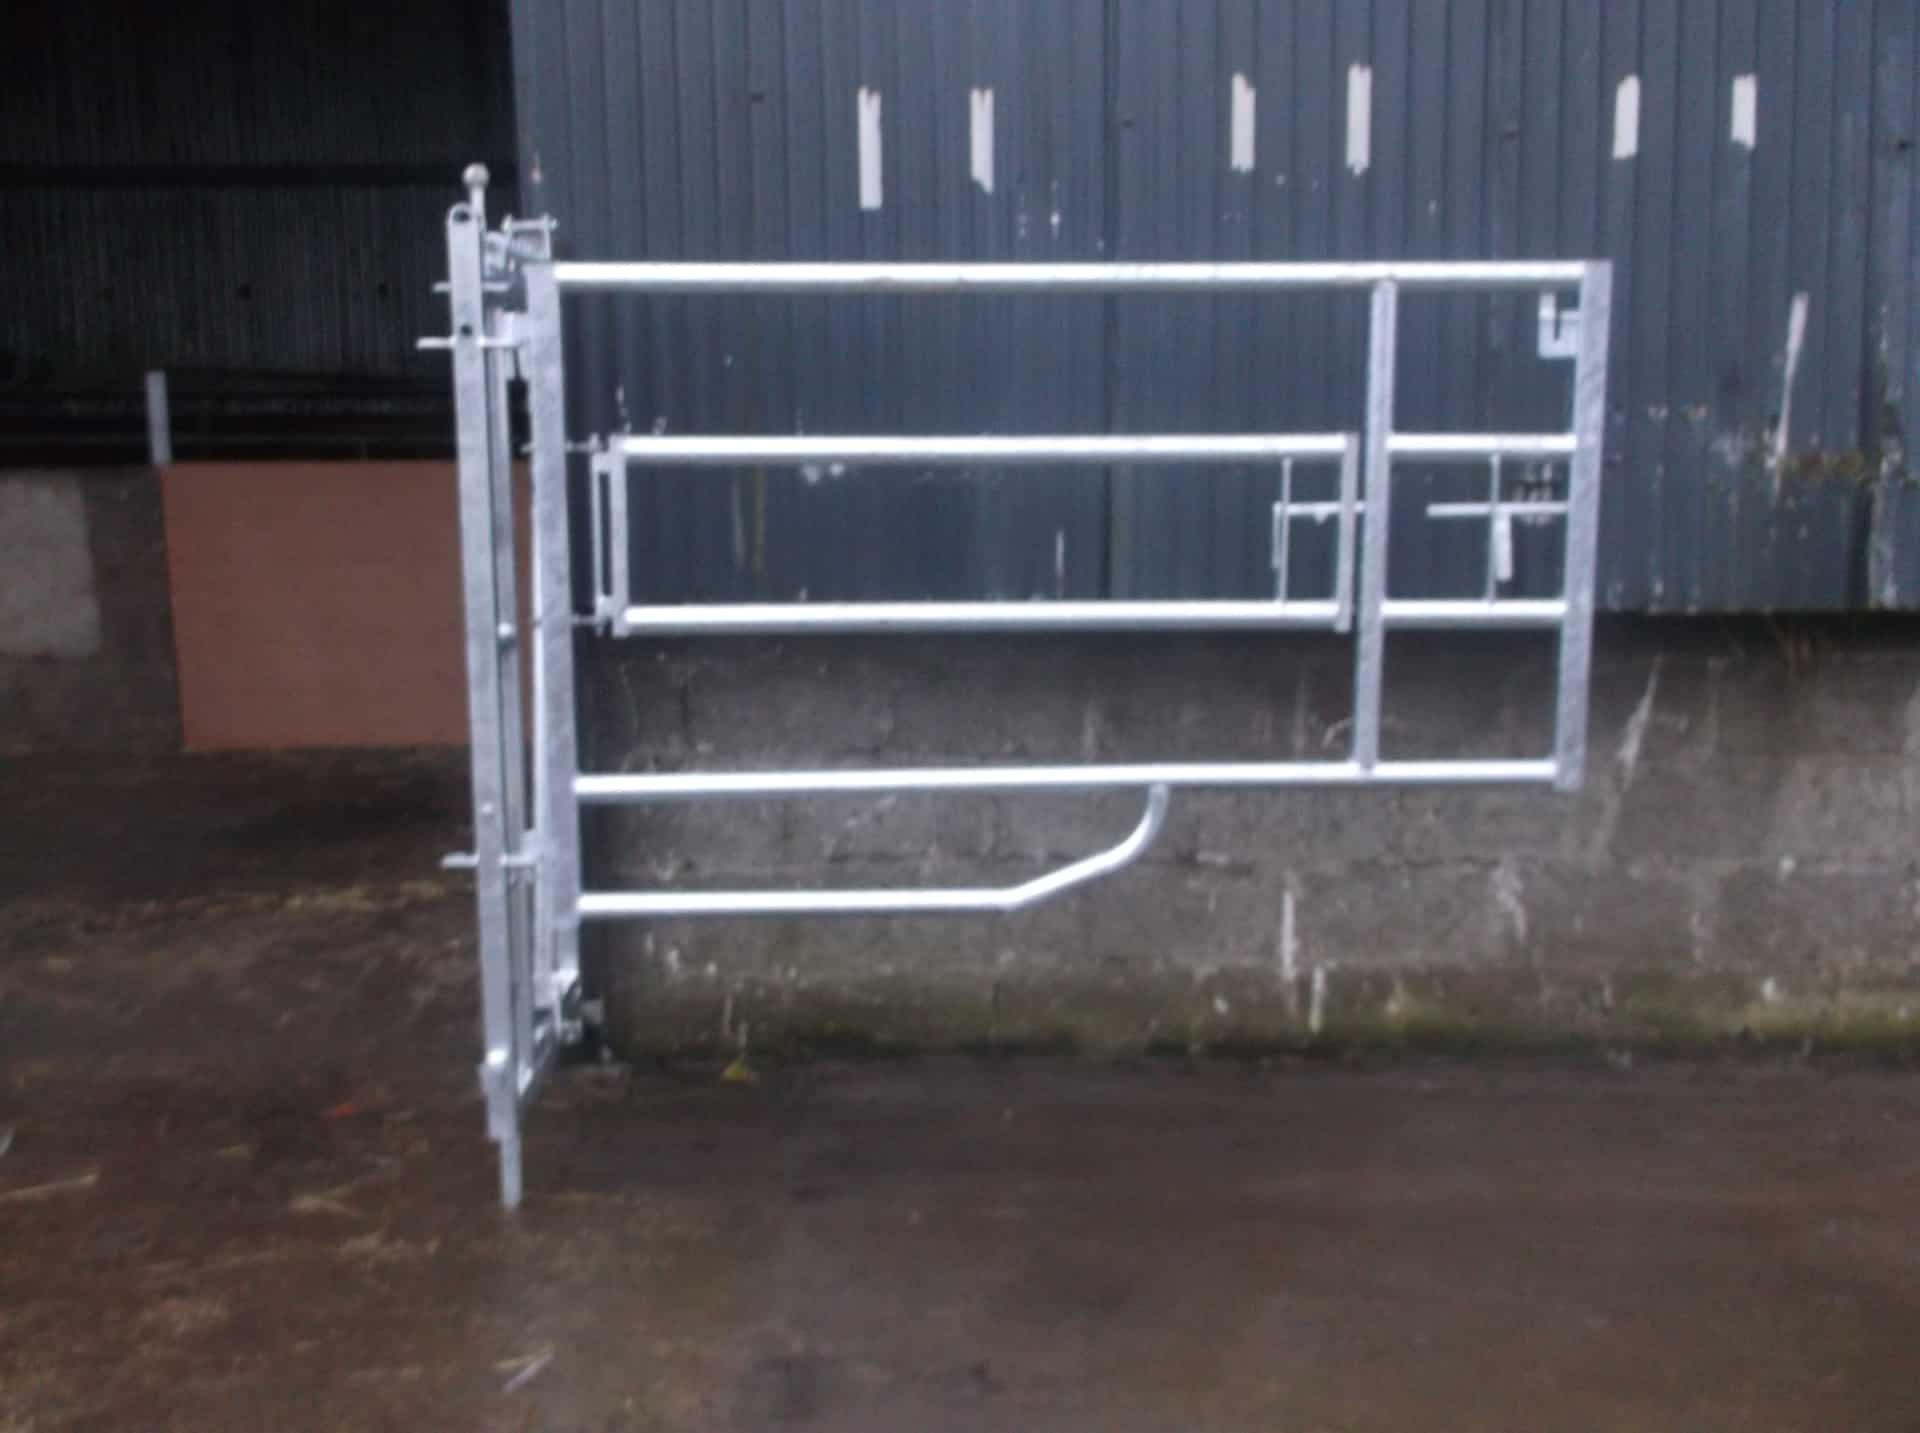 Calving gates ireland, calving gate proce